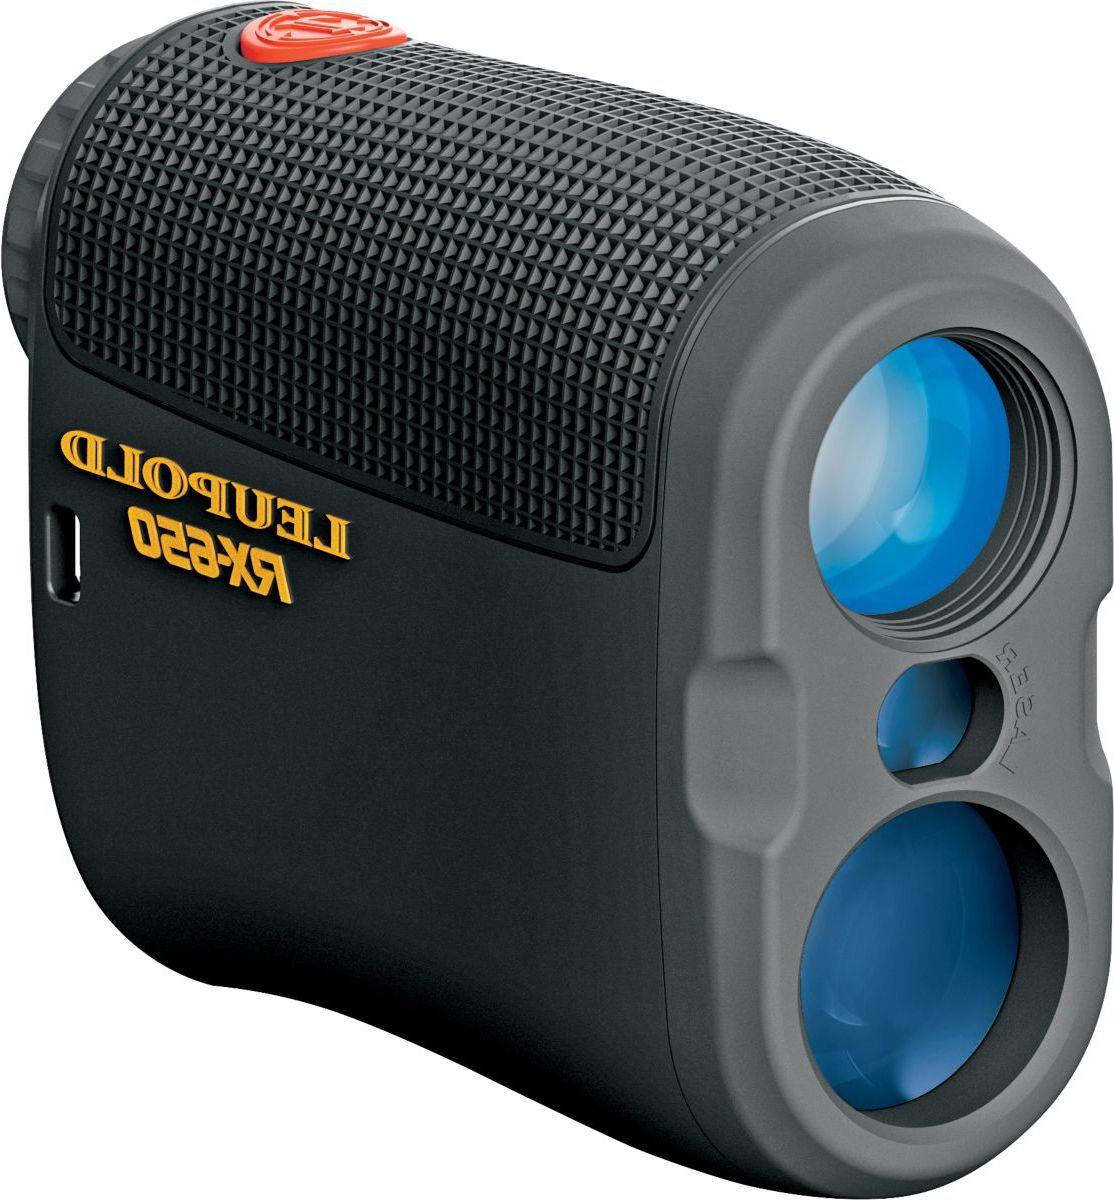 Leupold® RX-650 Rangefinder